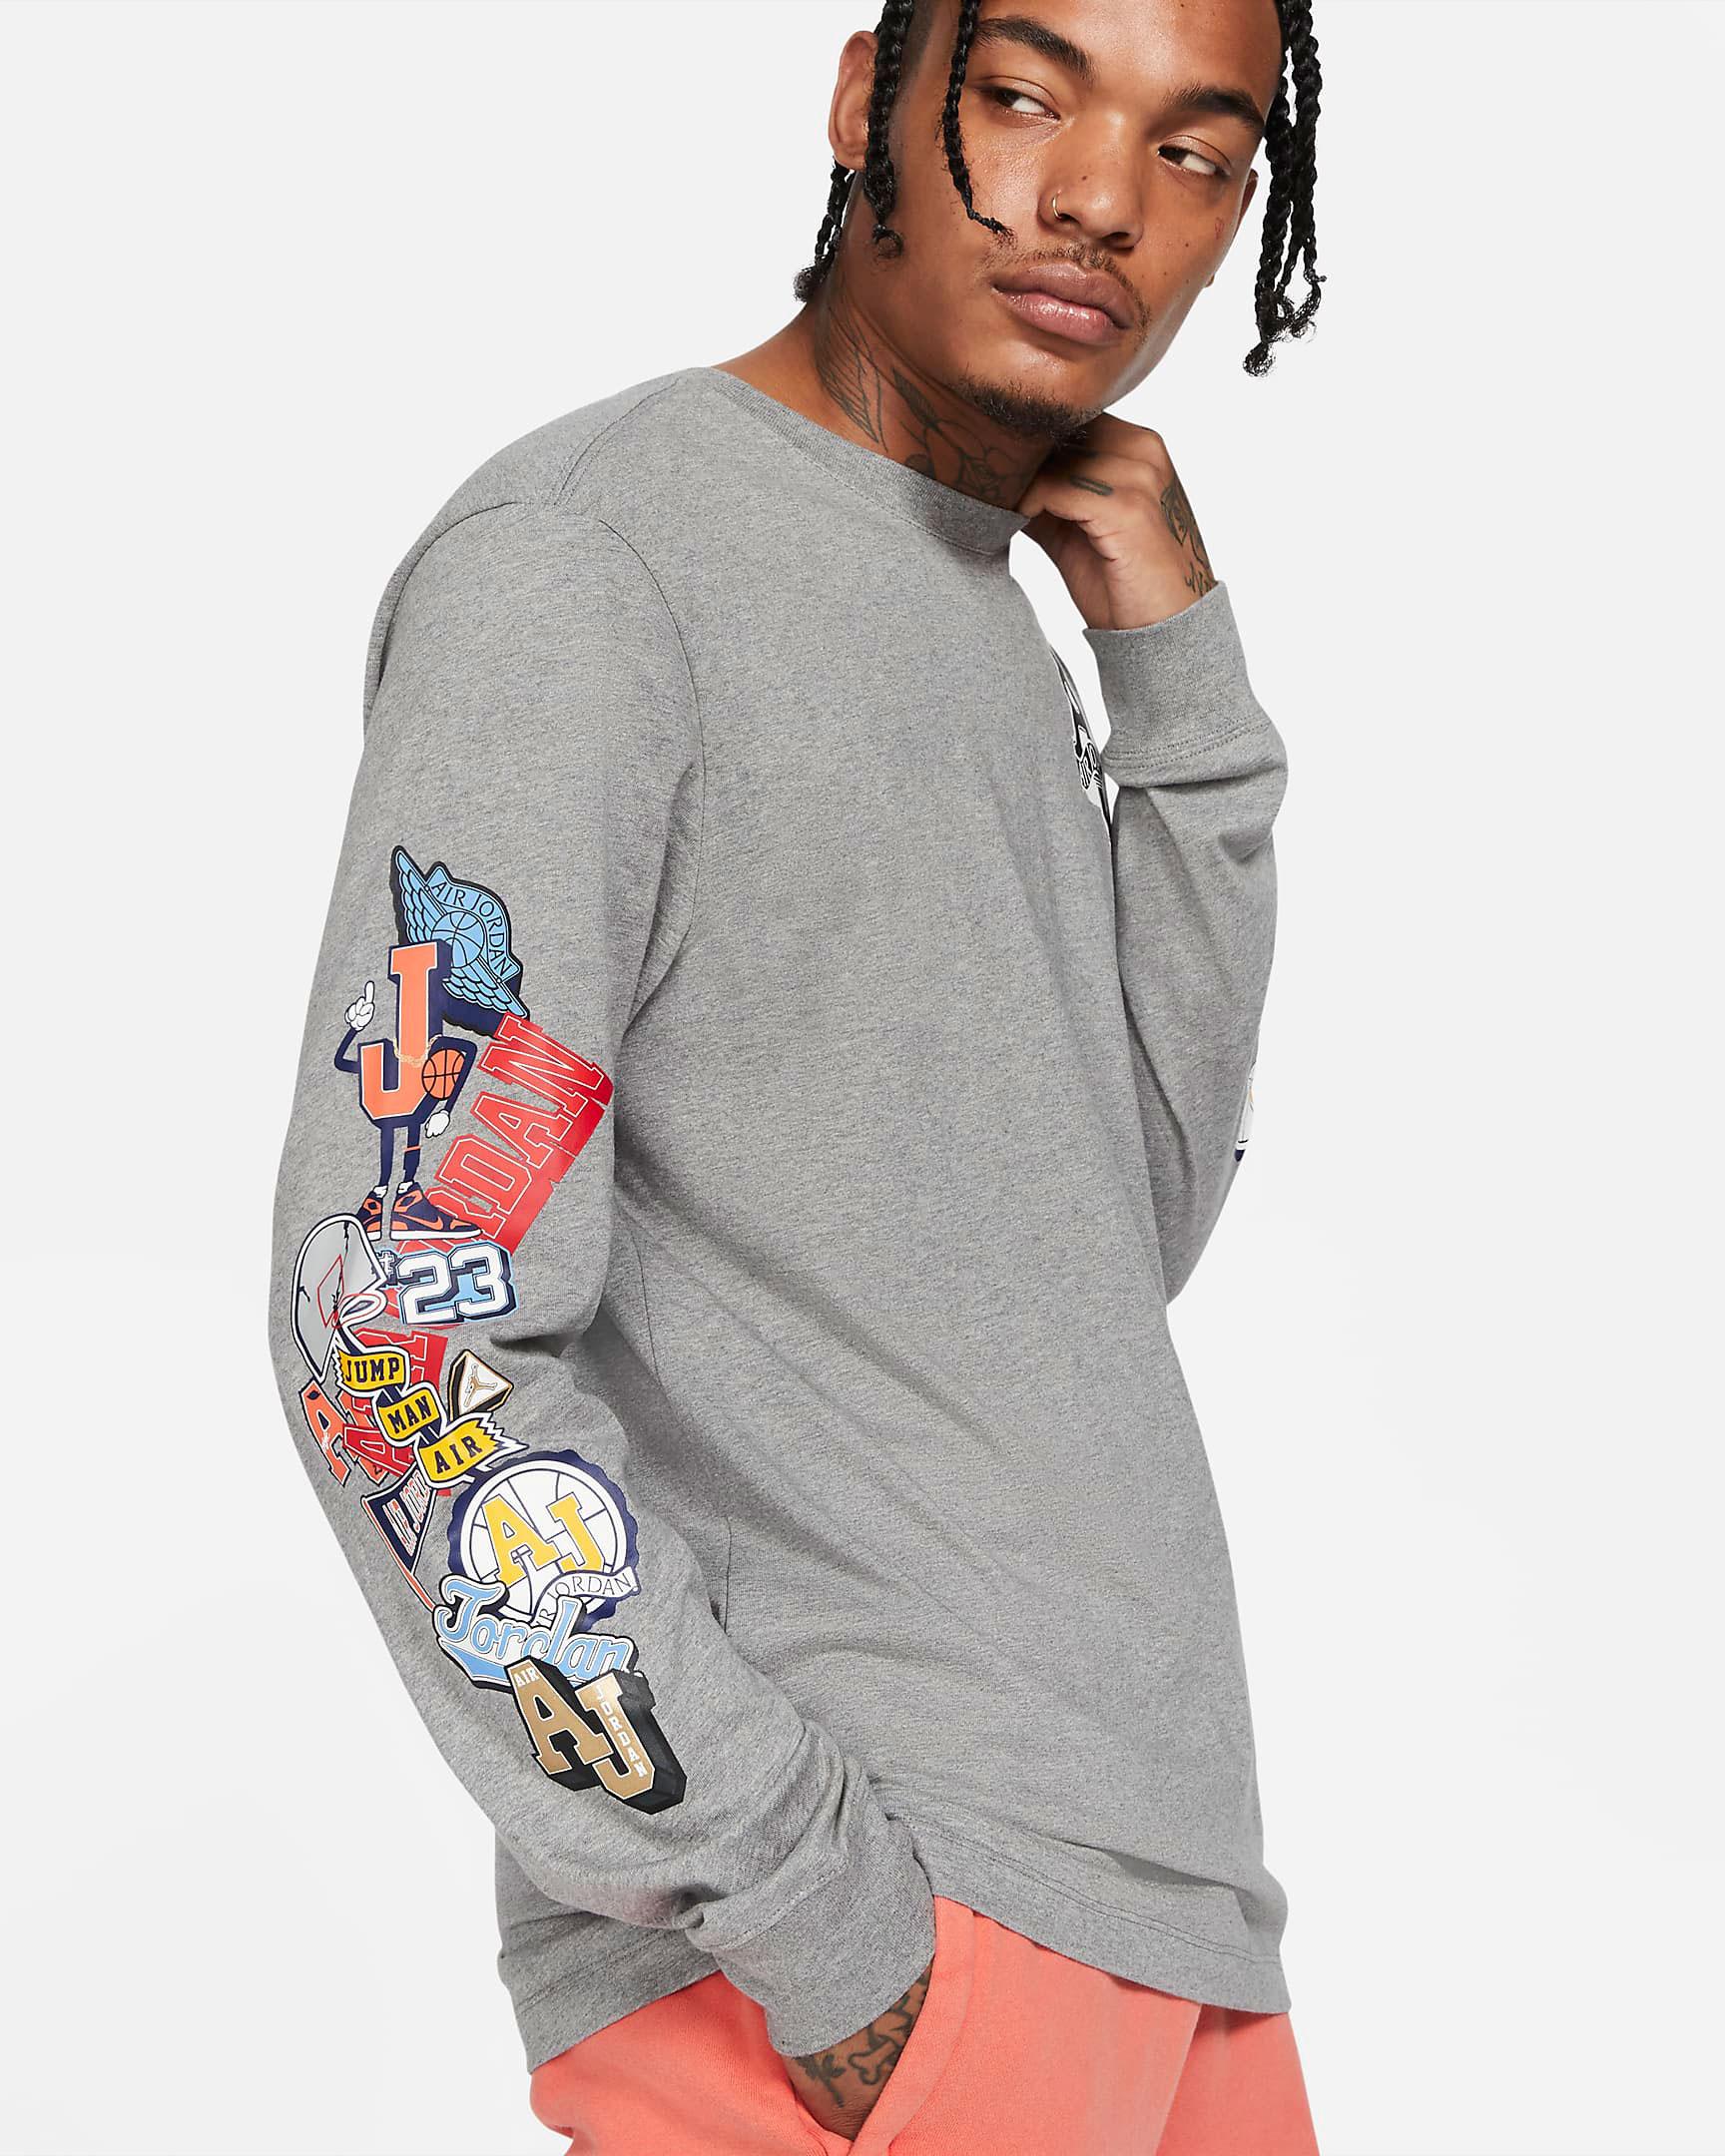 jordan-varsity-long-sleeve-shirt-grey-2